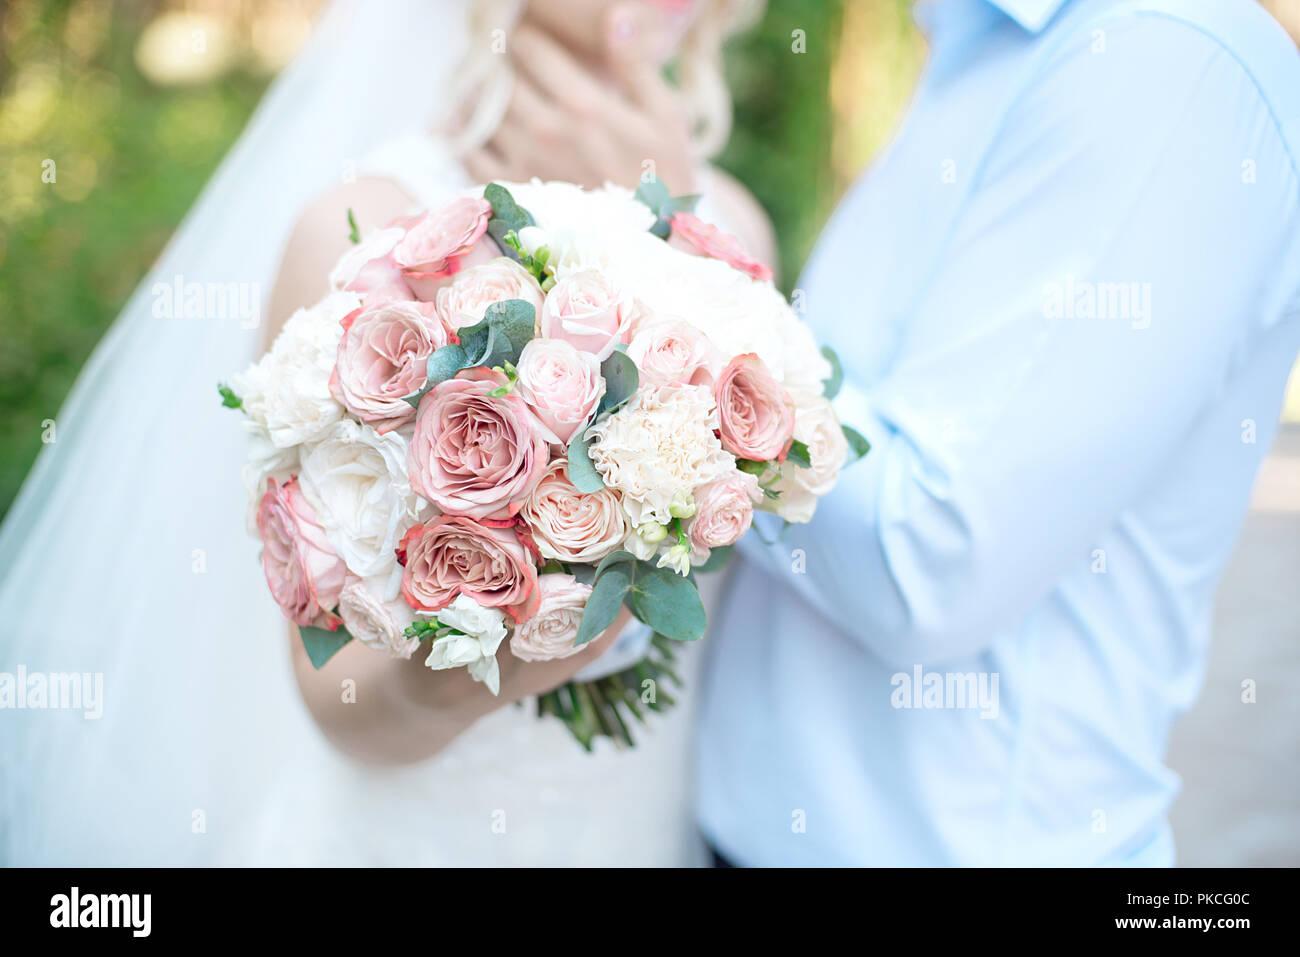 Close Up Hochzeit Paar Nebeneinander Halten Blumenstrausse In Weiss